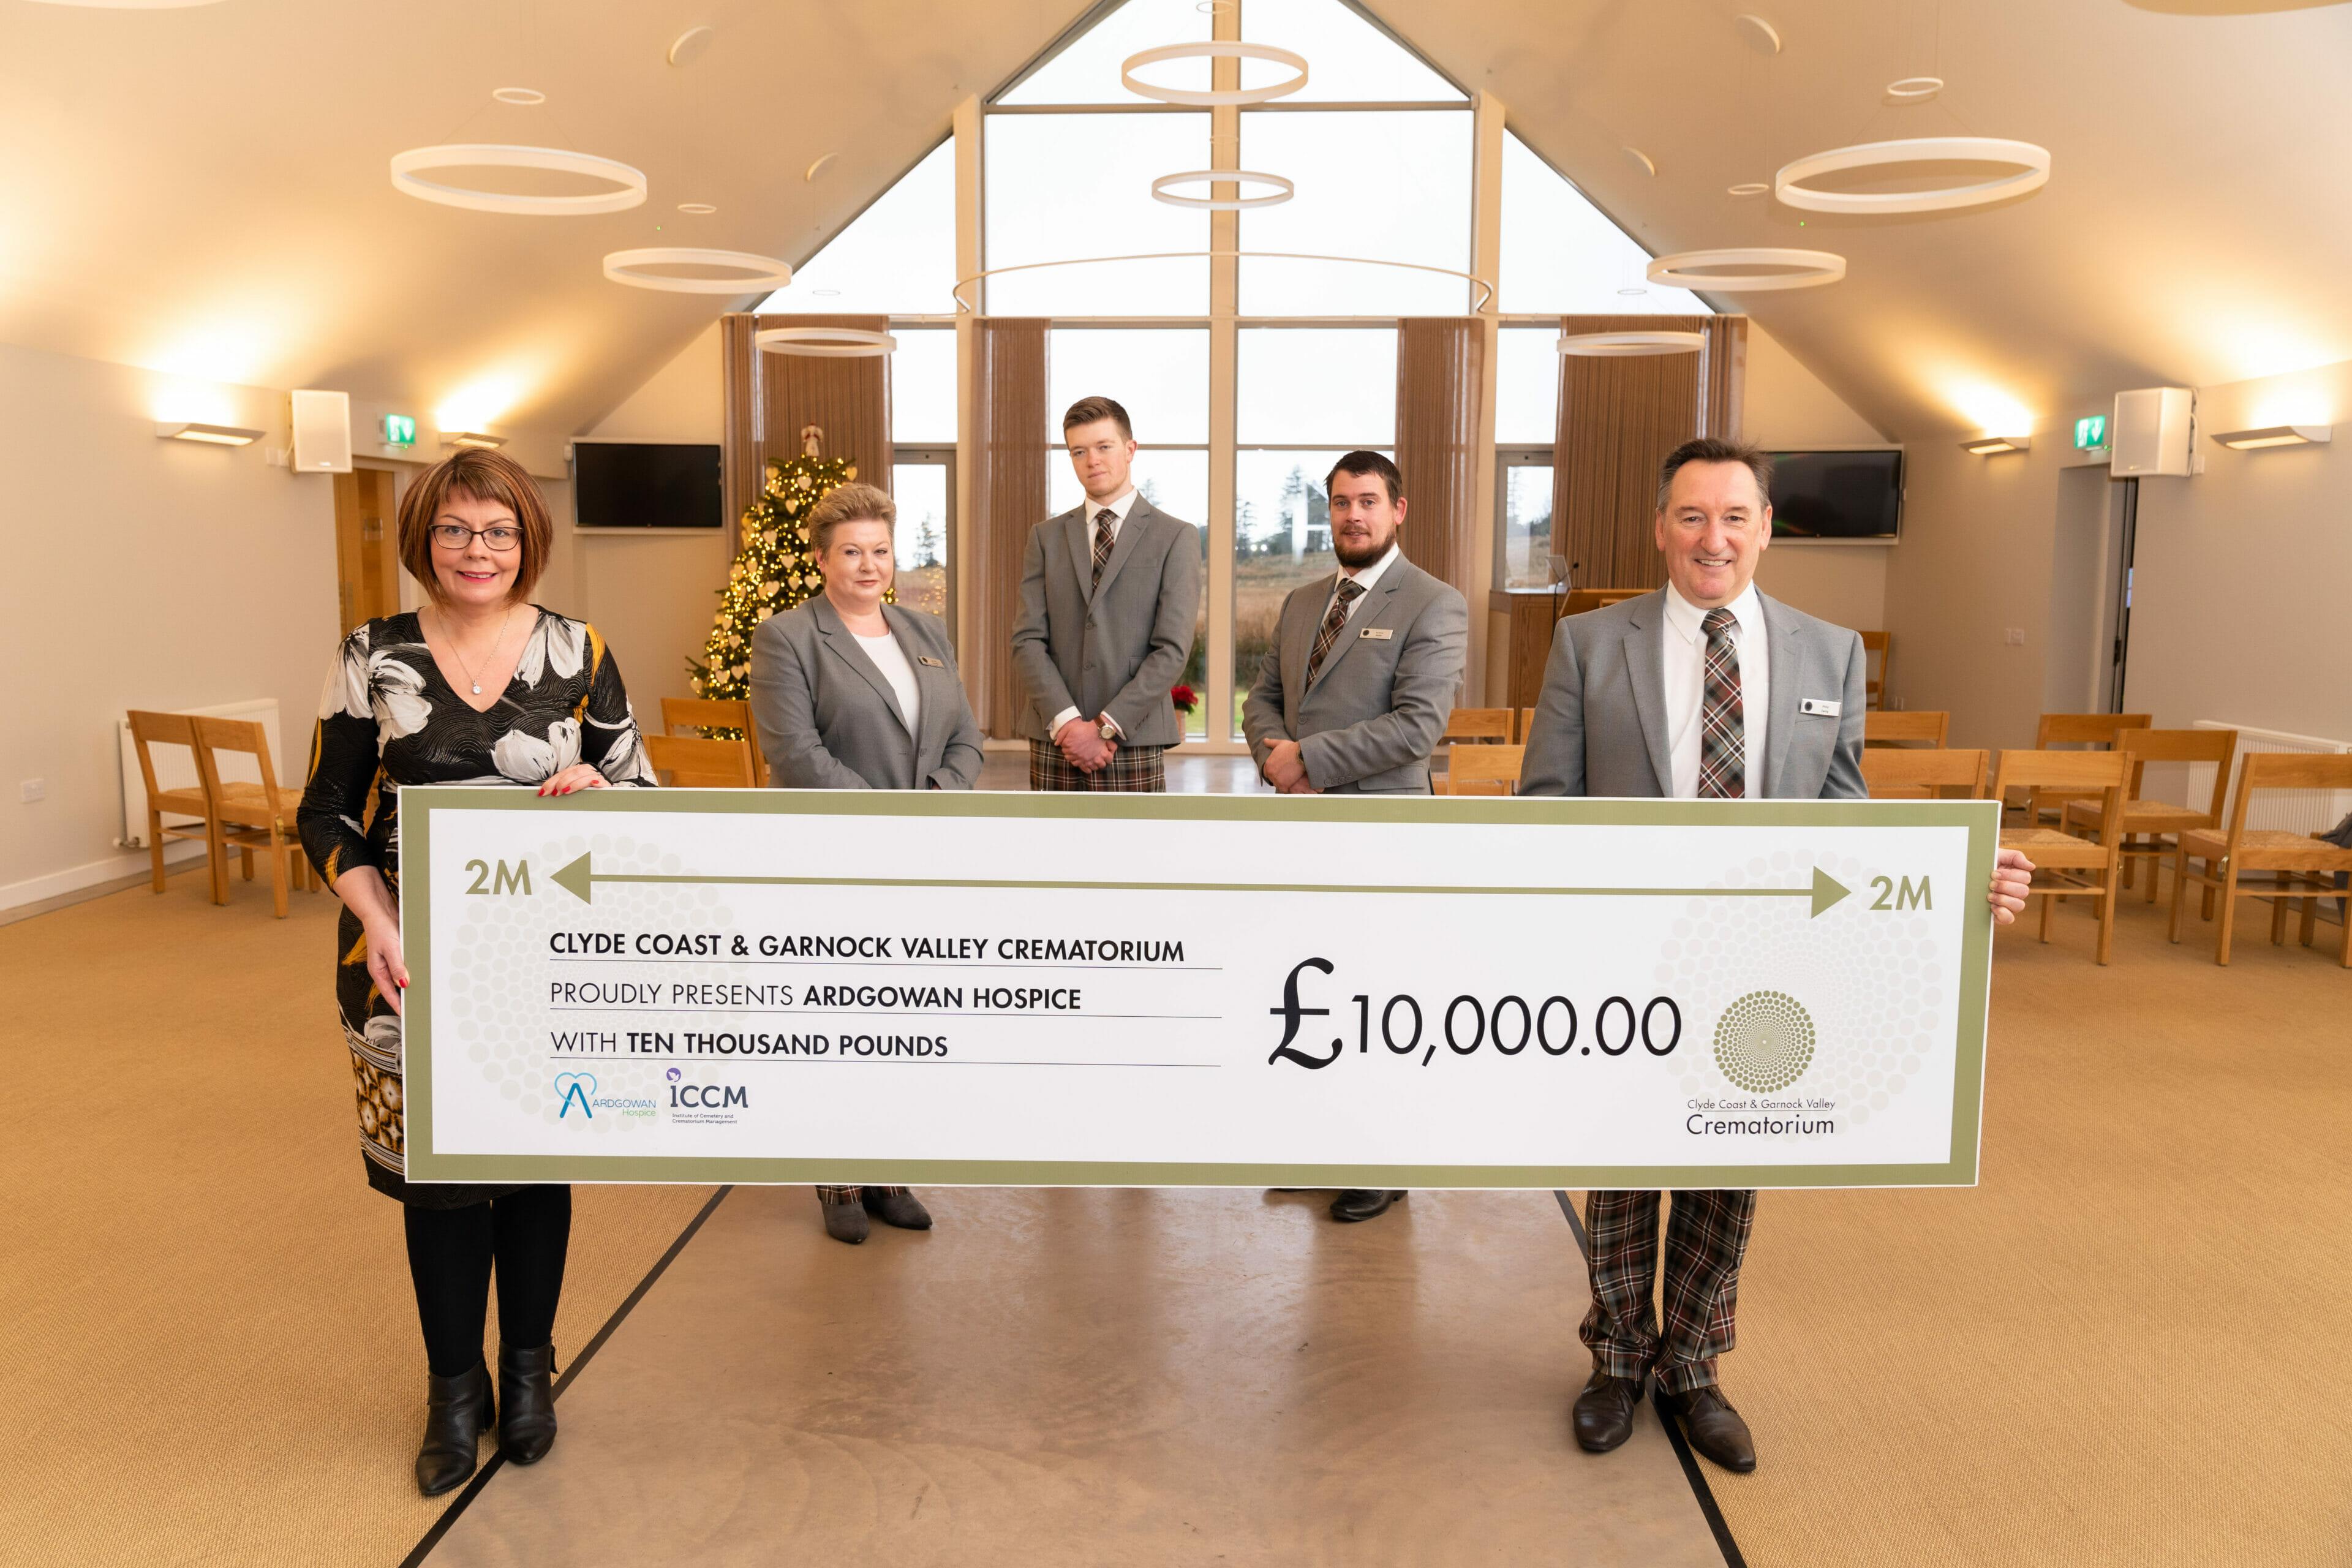 £10,000.00 ARDGOWAN HOSPICE DONATION